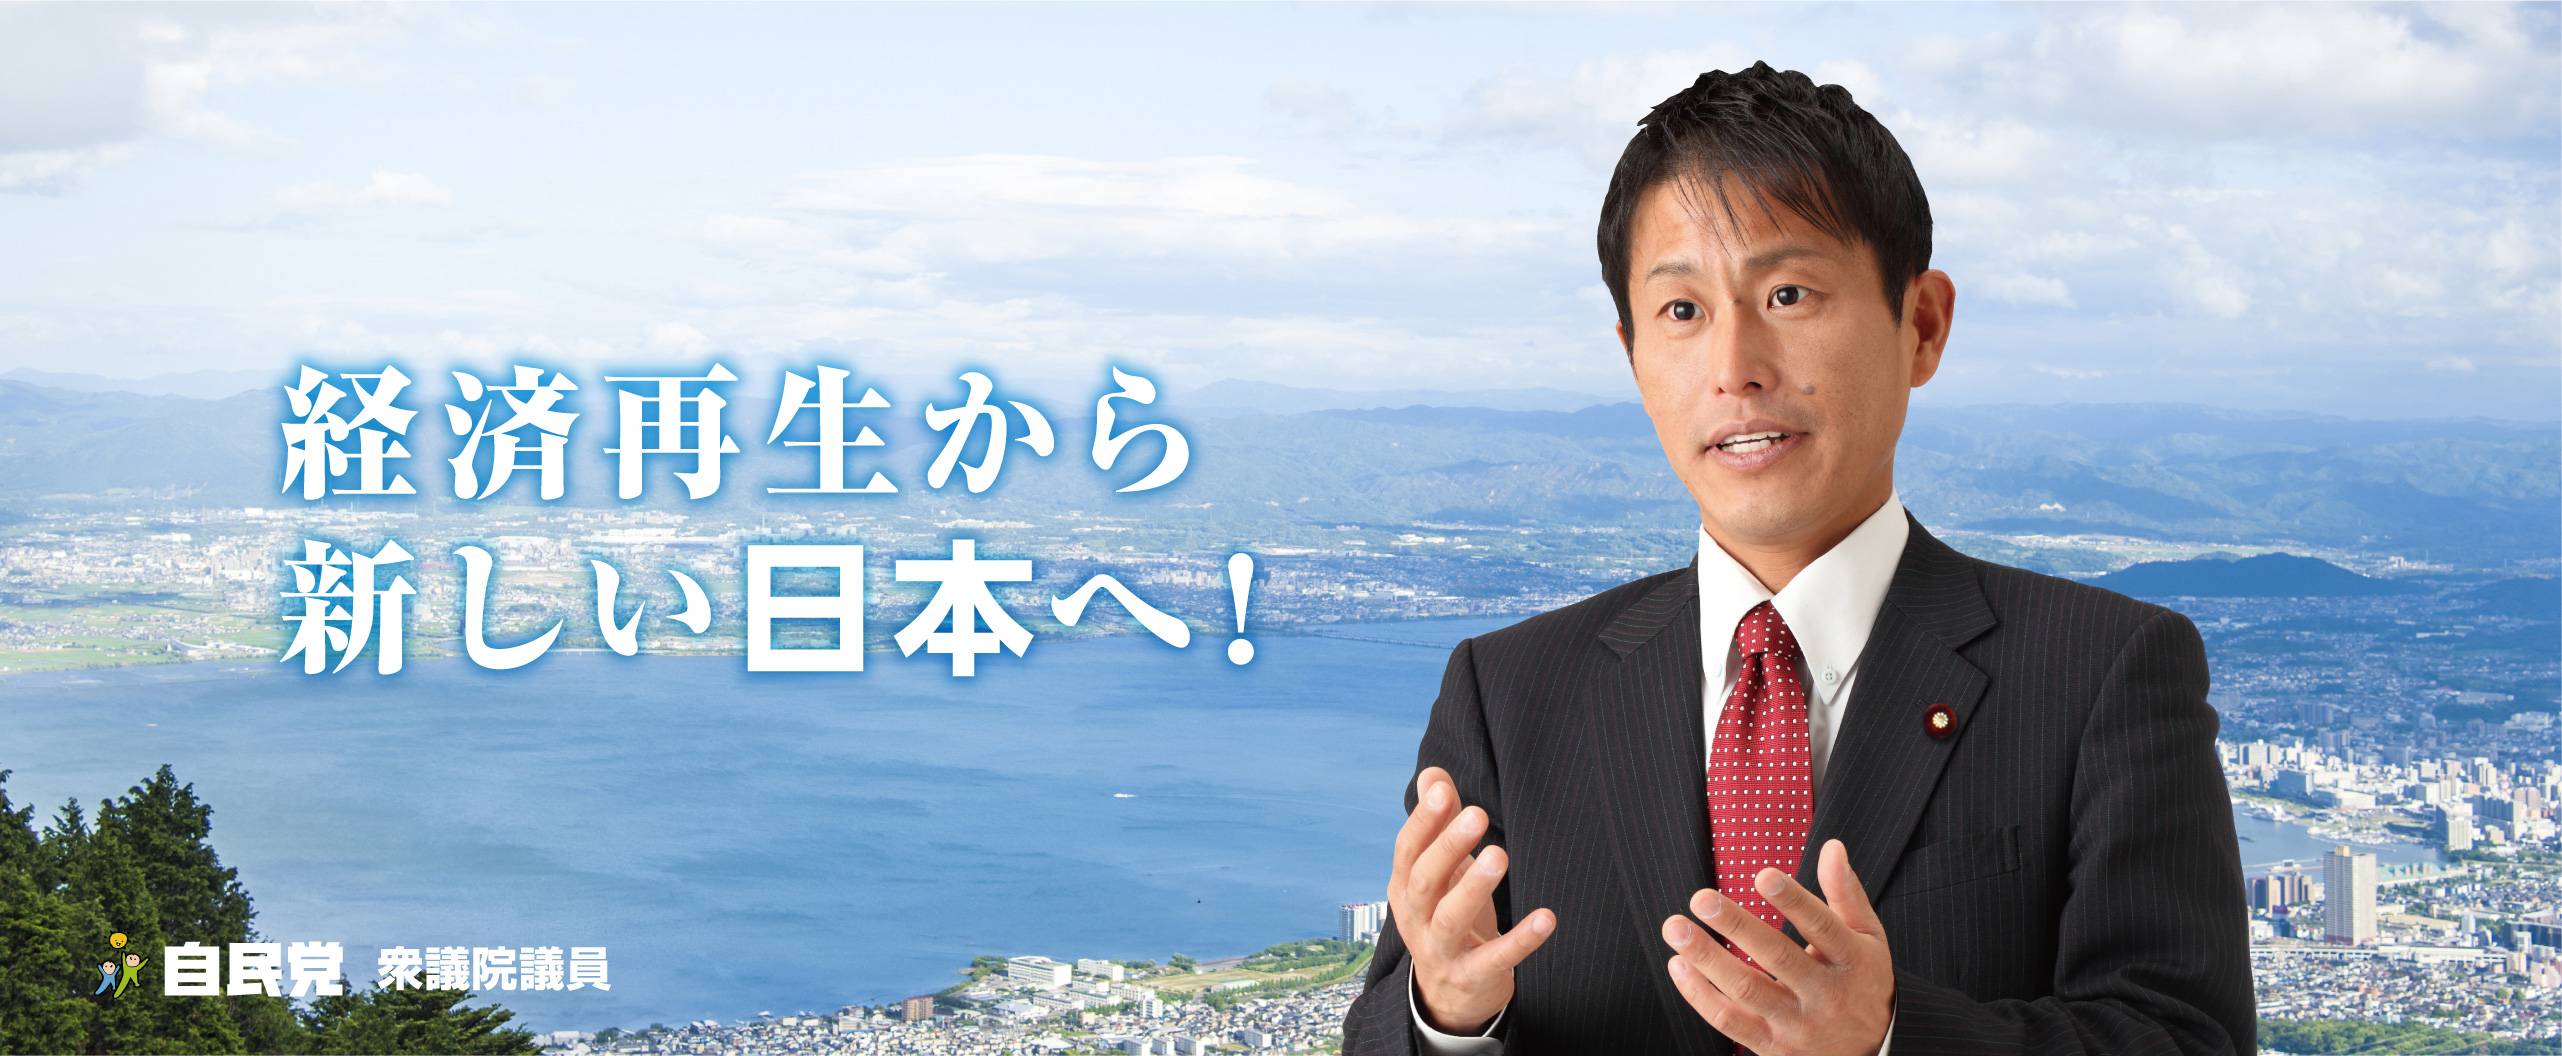 経済再生から新しい日本へ! 自民党 衆議院議員